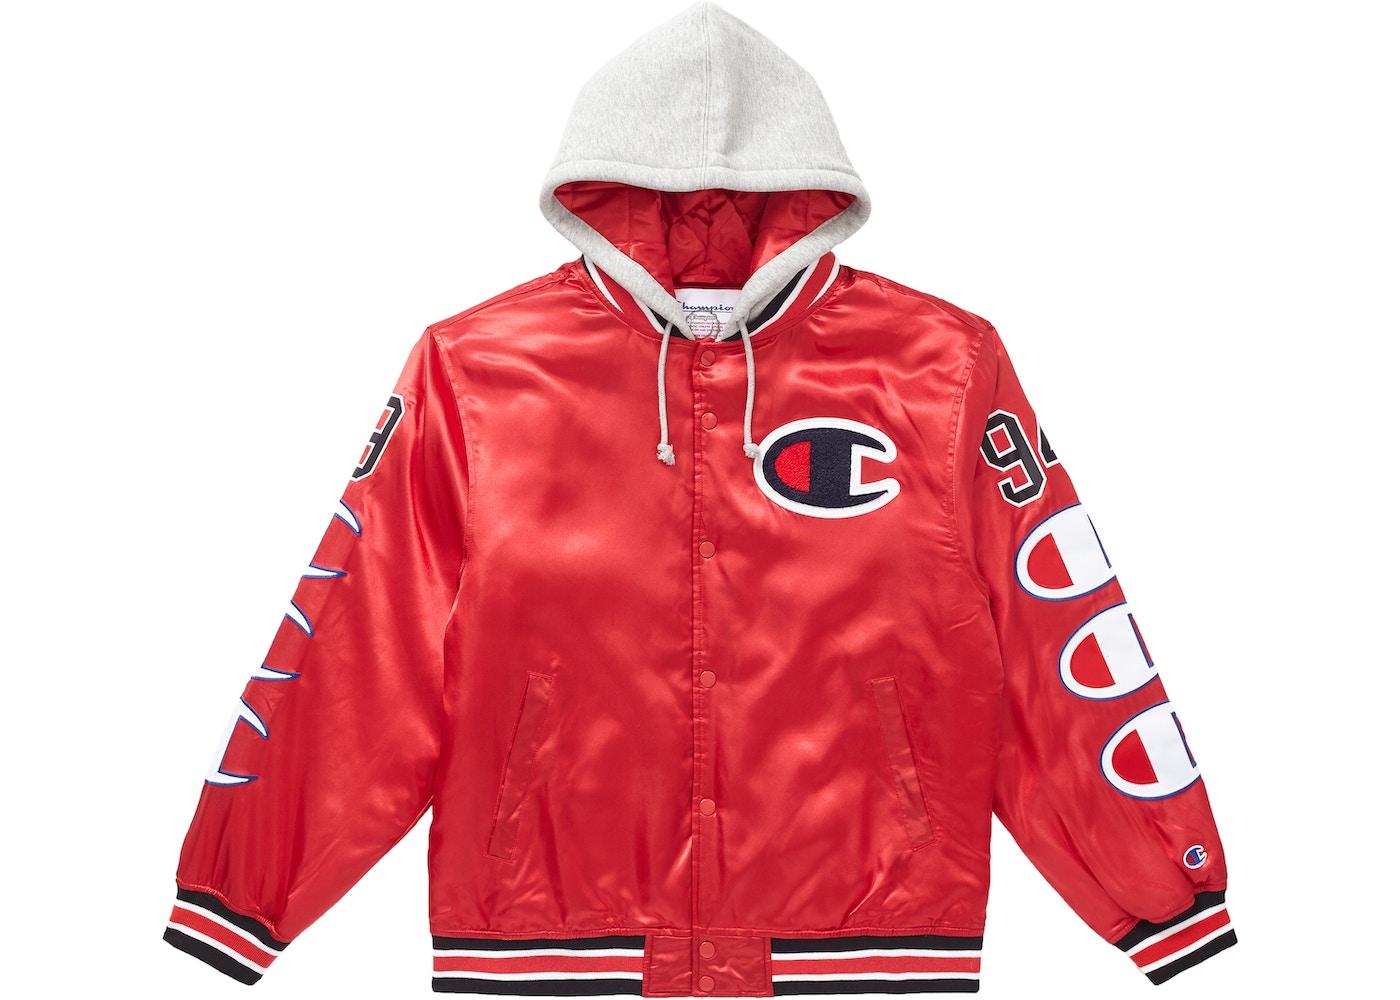 helt elegant väldigt billigt Förenta staterna Supreme Champion Hooded Satin Varsity Jacket Red - FW18